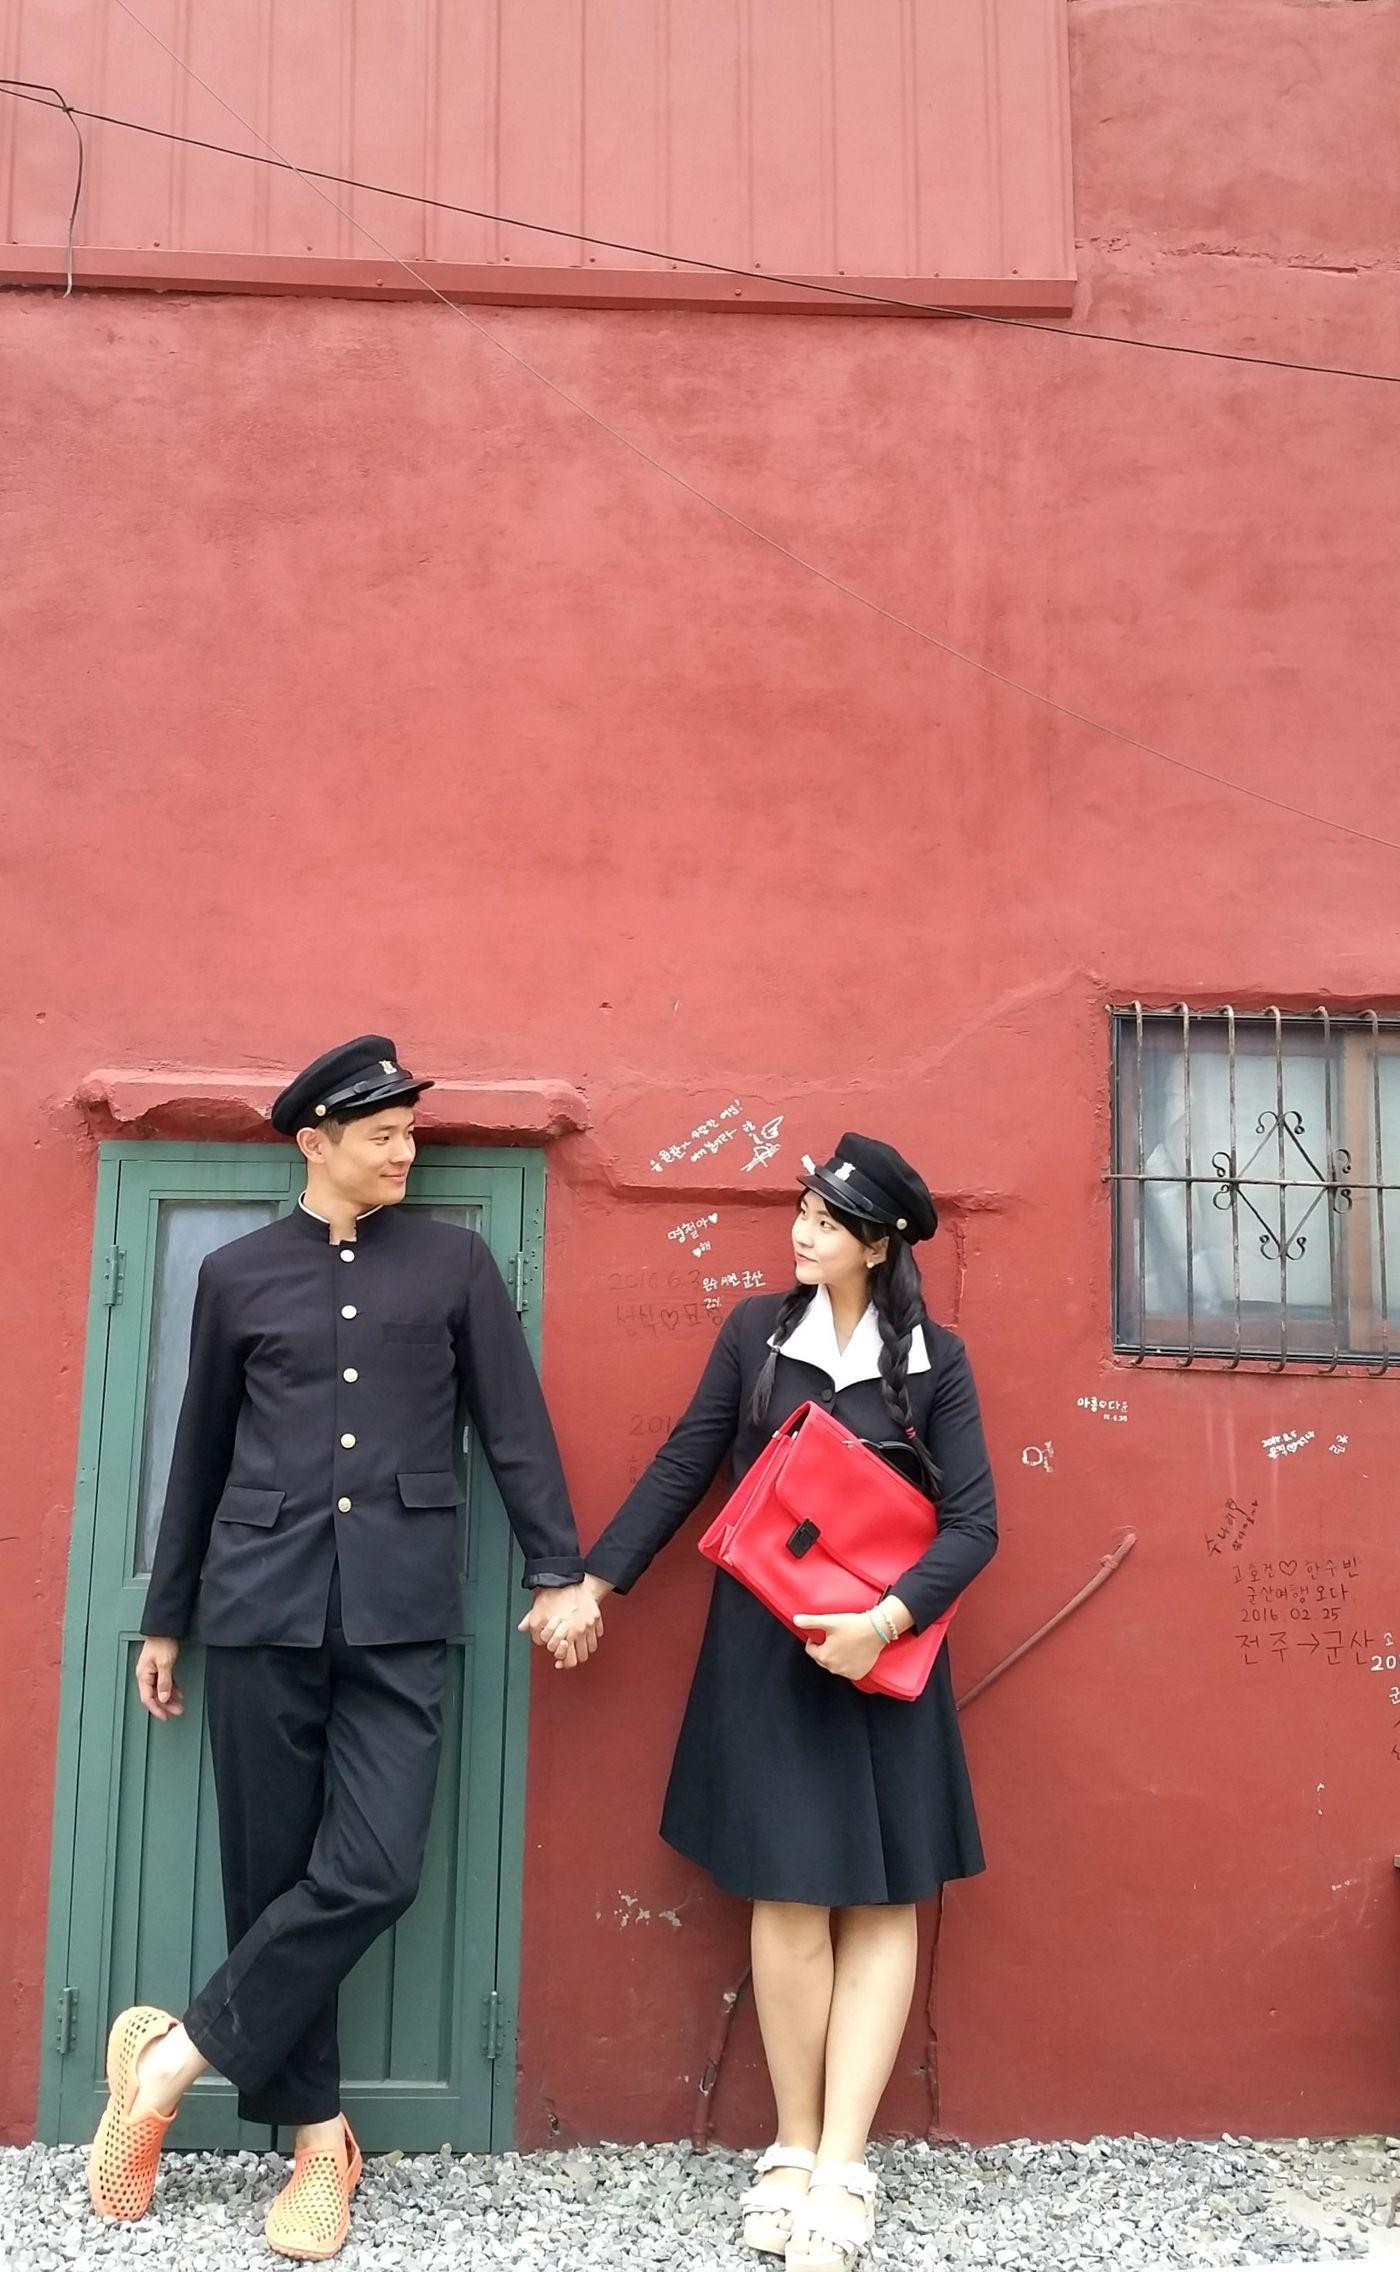 同じポーズはもう飽きた!韓国カップルに学ぶ可愛い写真の撮り方♡の7枚目の画像